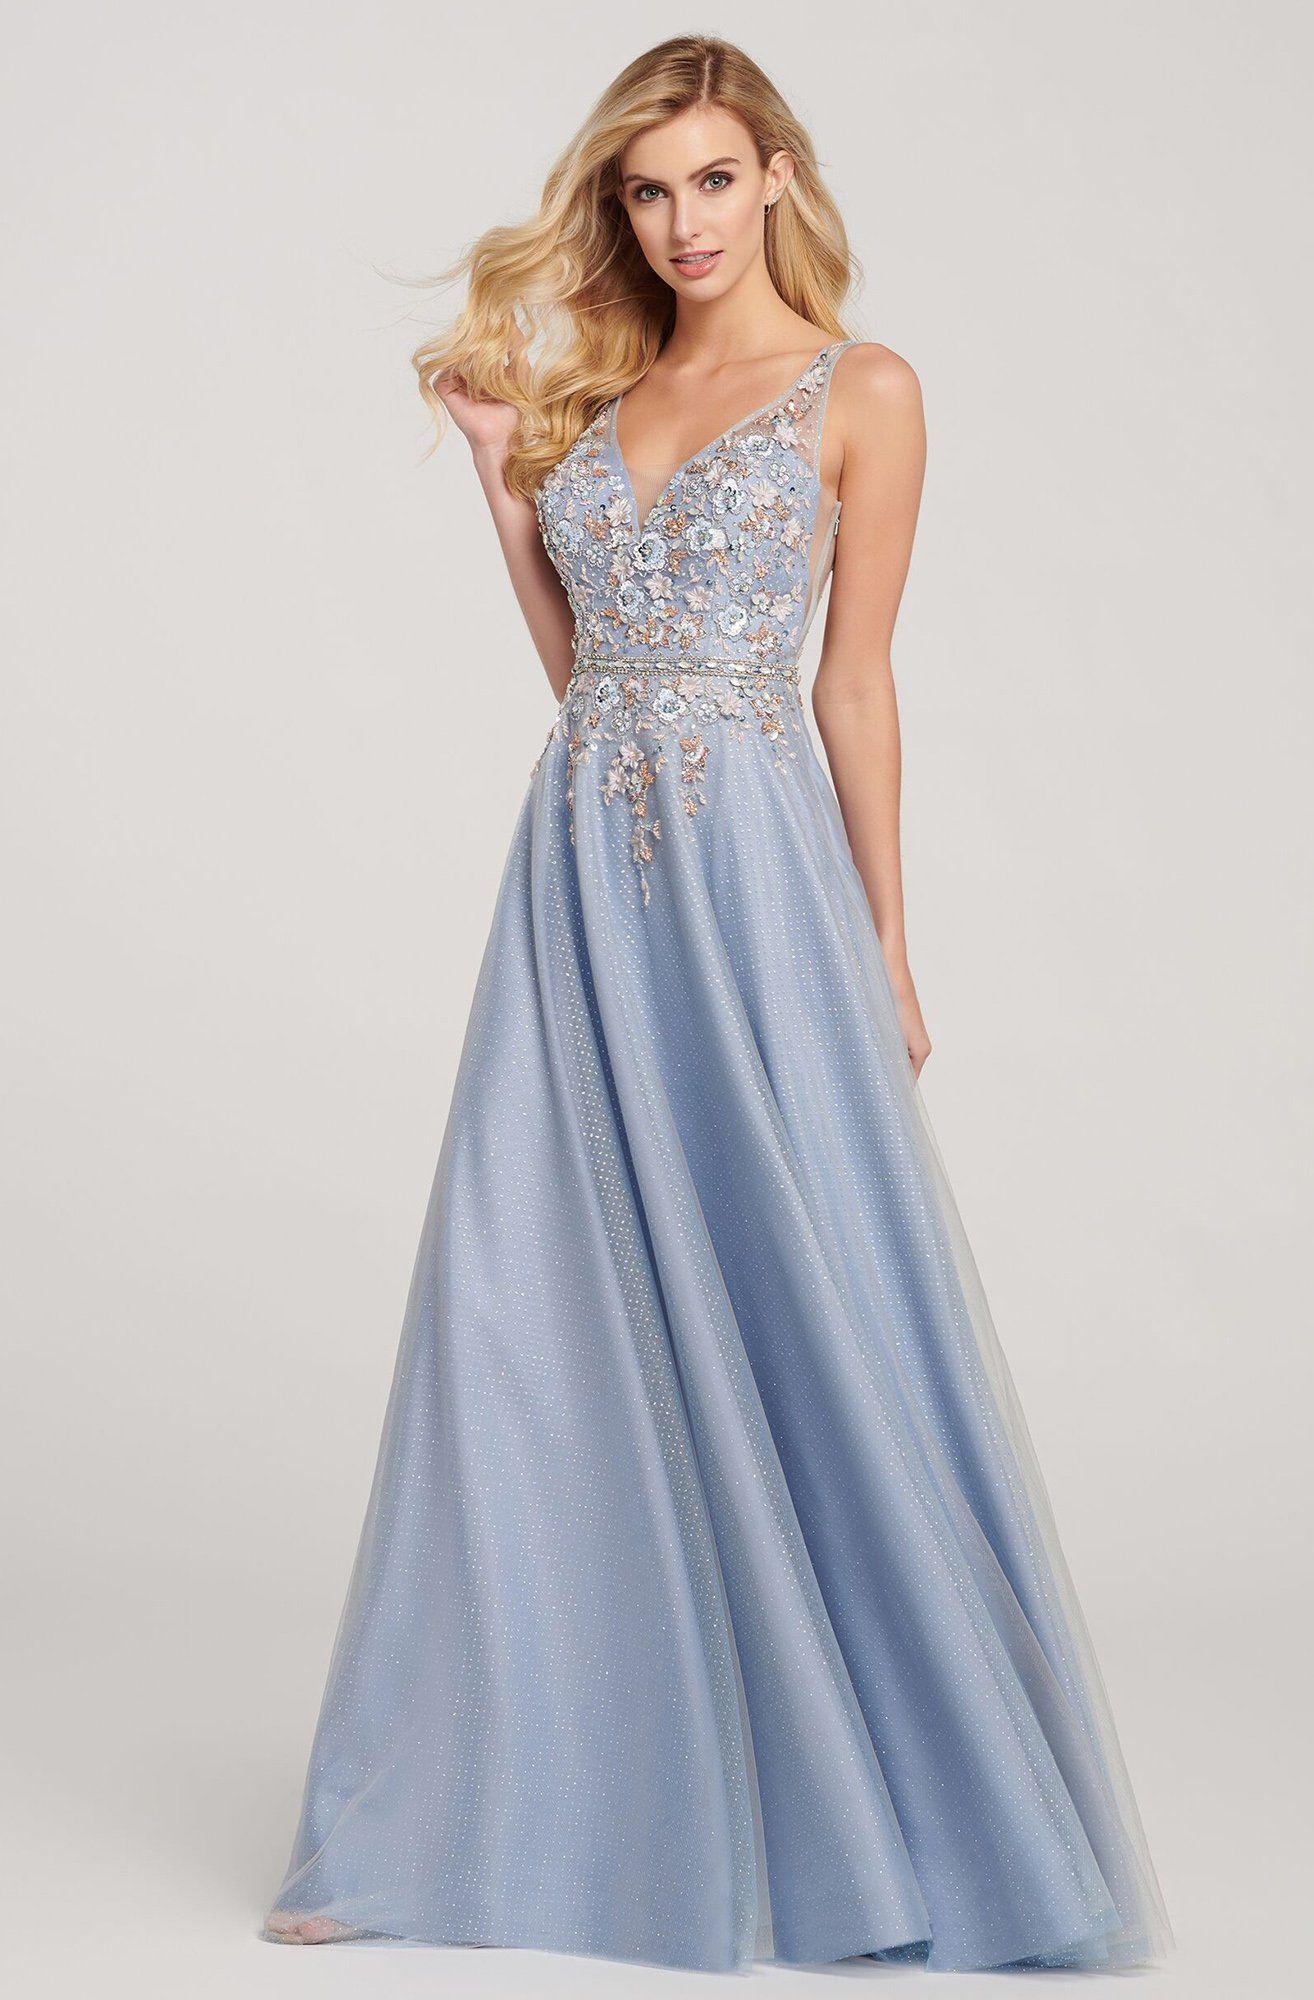 Ellie Wilde - EW119097 Floral Applique V-neck A-line Dress